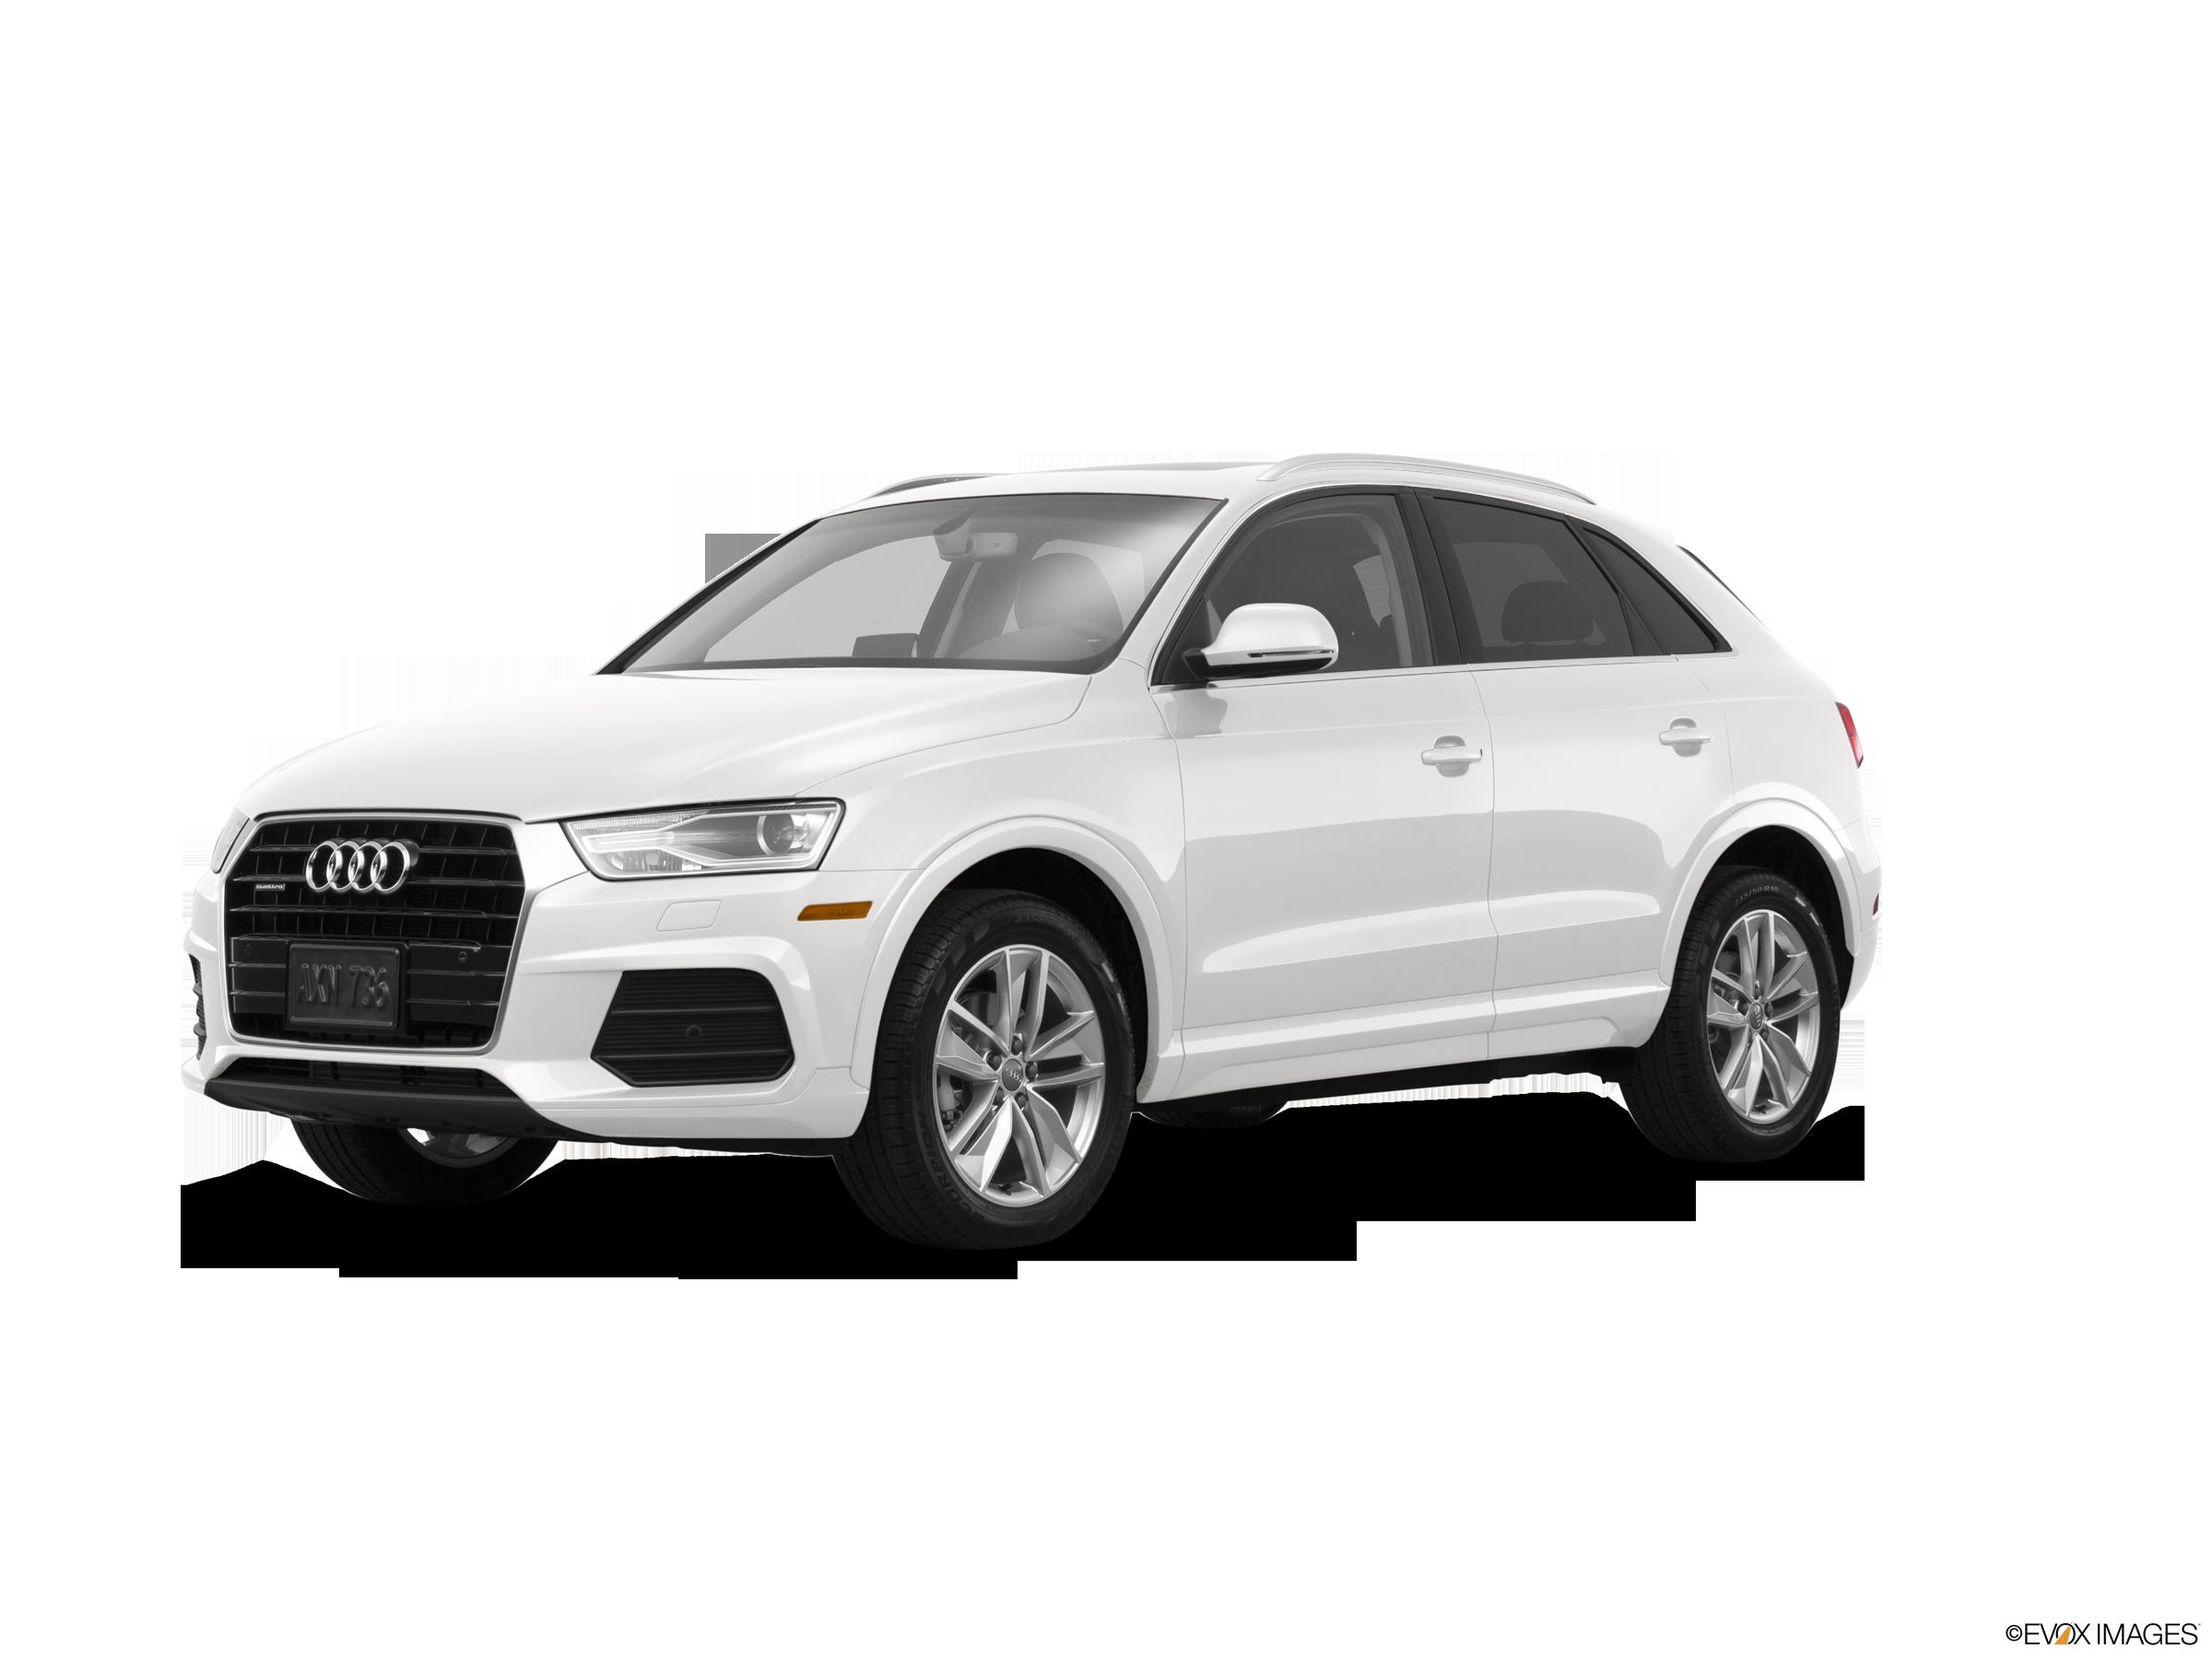 Kekurangan Audi Q3 2016 Top Model Tahun Ini